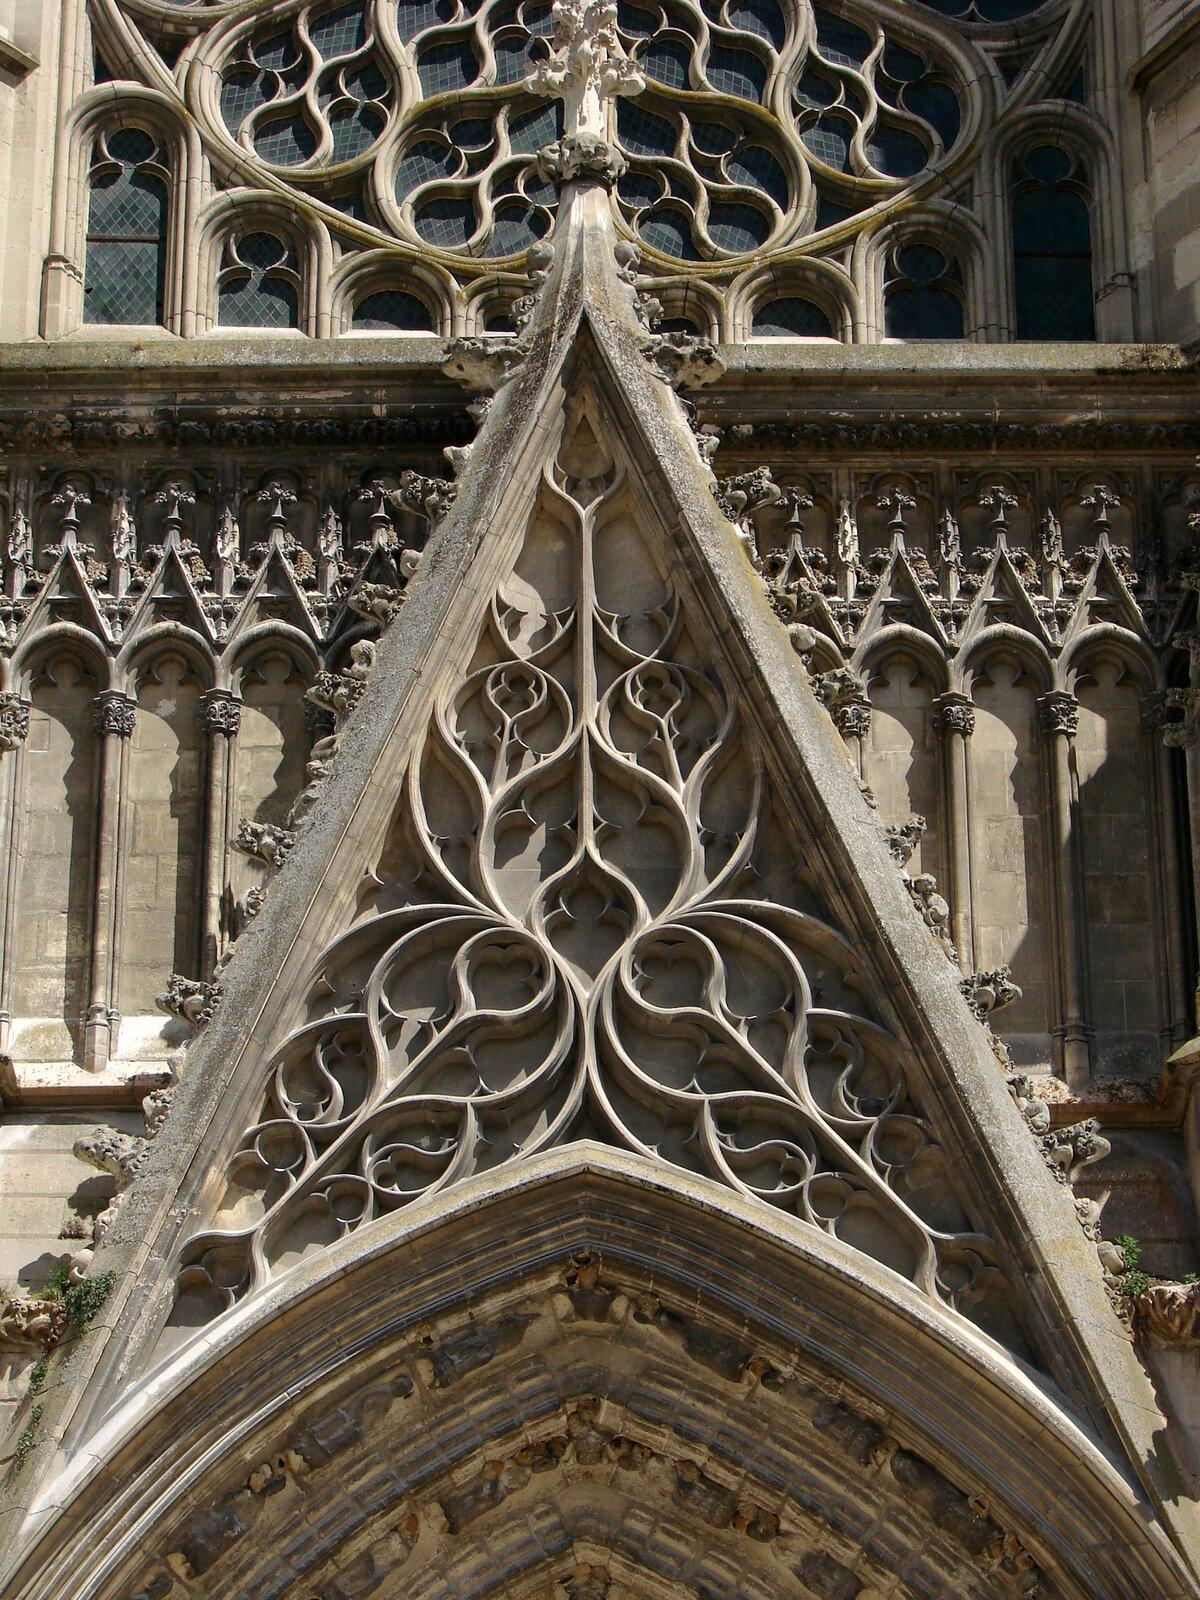 Fasada katedry wMeaux Wimperga – ażurowe trójkątne szczyty portalowe lub okienne. Ich wnętrze wypełniano maswerkiem, krawędzie ozdabiano żabkami, wieńczono kwiatonem lub pinaklem. Źródło: Fasada katedry wMeaux, licencja: CC BY-SA 3.0.